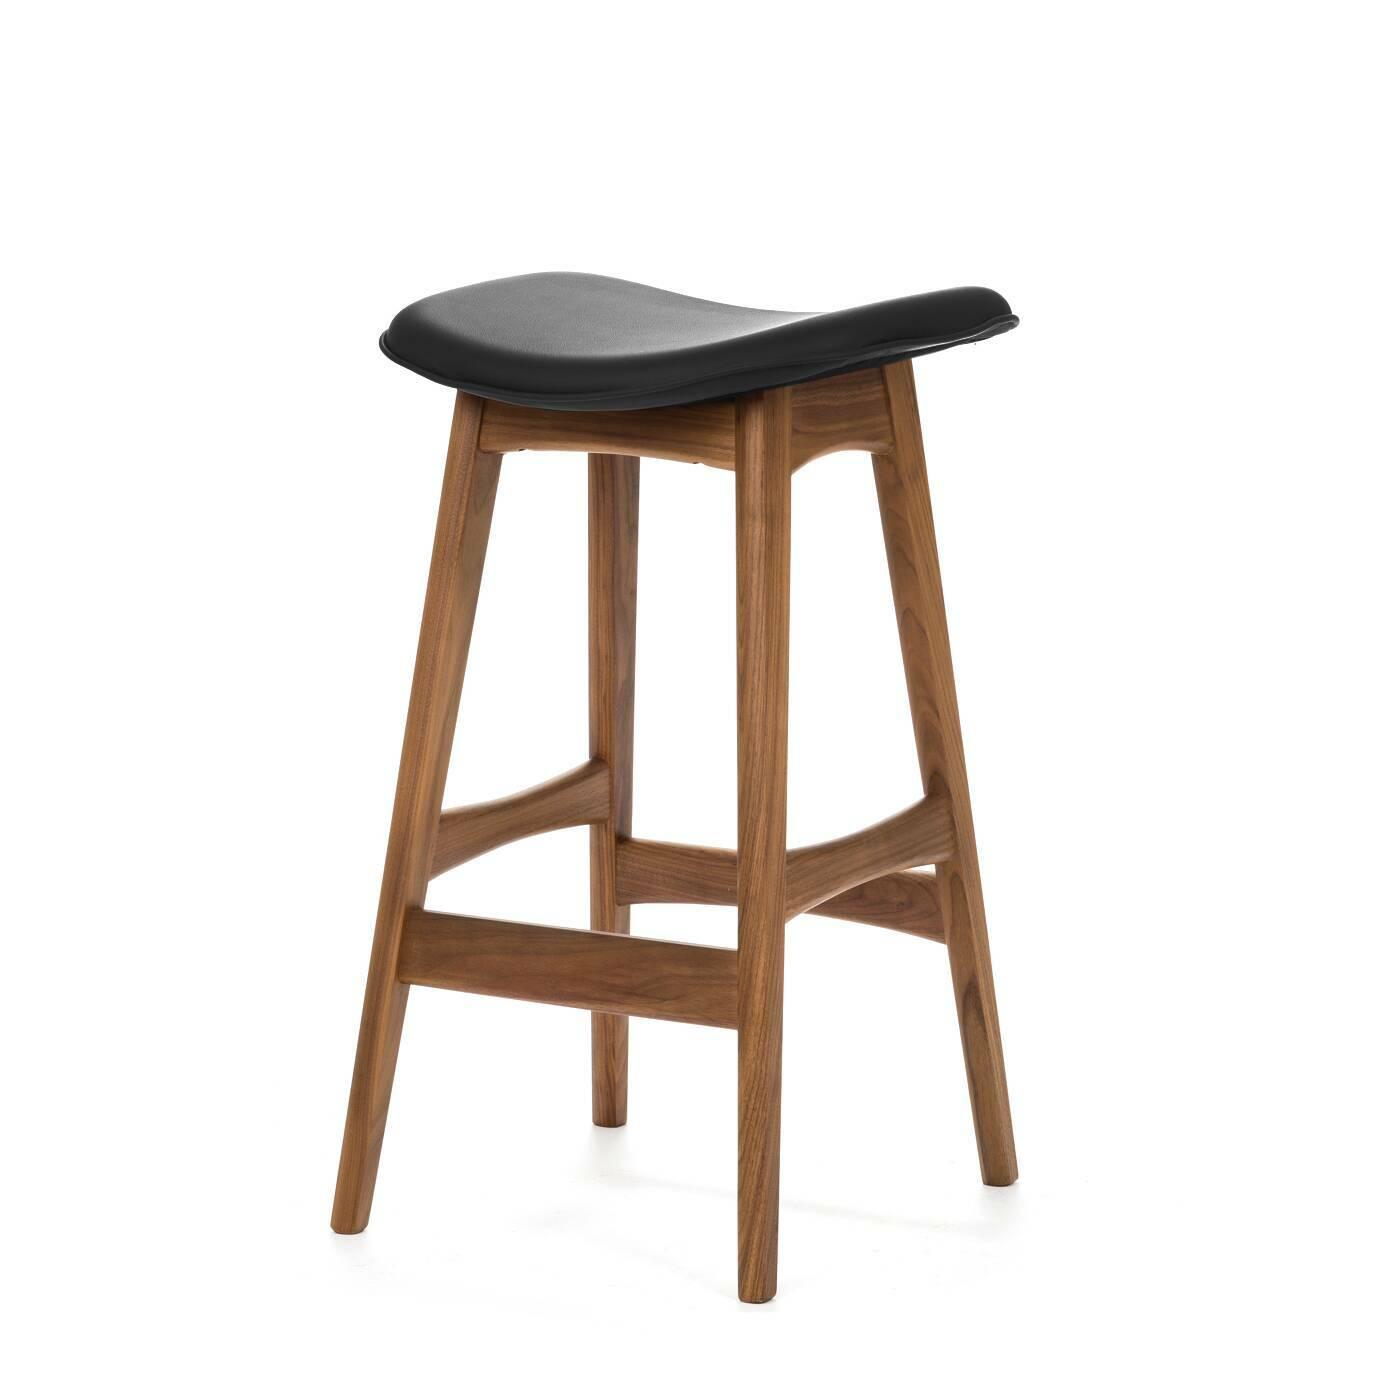 Барный стул Allegra высота 67Полубарные<br>Первоначально разработанный Йоханнесом Андерсеном в 1961 году, барный стул Allegra высота 67 — простое, но шикарное дополнение к любому дому или офису. С сиденьем, находящимся на уровне 76 сантиметров, этот стильный стул практичен и современен.<br><br><br> Высококачественная рама барного стула Allegra высота 67 выполнена из ореха, а сиденье — из мягкой кожи, которую к тому же легко чистить. Сиденье шириной 40 сантиметров подстроено под анатомические линии тела. Красное, белое и черное цветовое...<br><br>stock: 0<br>Высота: 66,5<br>Ширина: 40<br>Глубина: 38,5<br>Цвет ножек: Орех<br>Материал ножек: Массив ореха<br>Цвет сидения: Черный<br>Тип материала сидения: Кожа<br>Коллекция ткани: Premium Leather<br>Тип материала ножек: Дерево